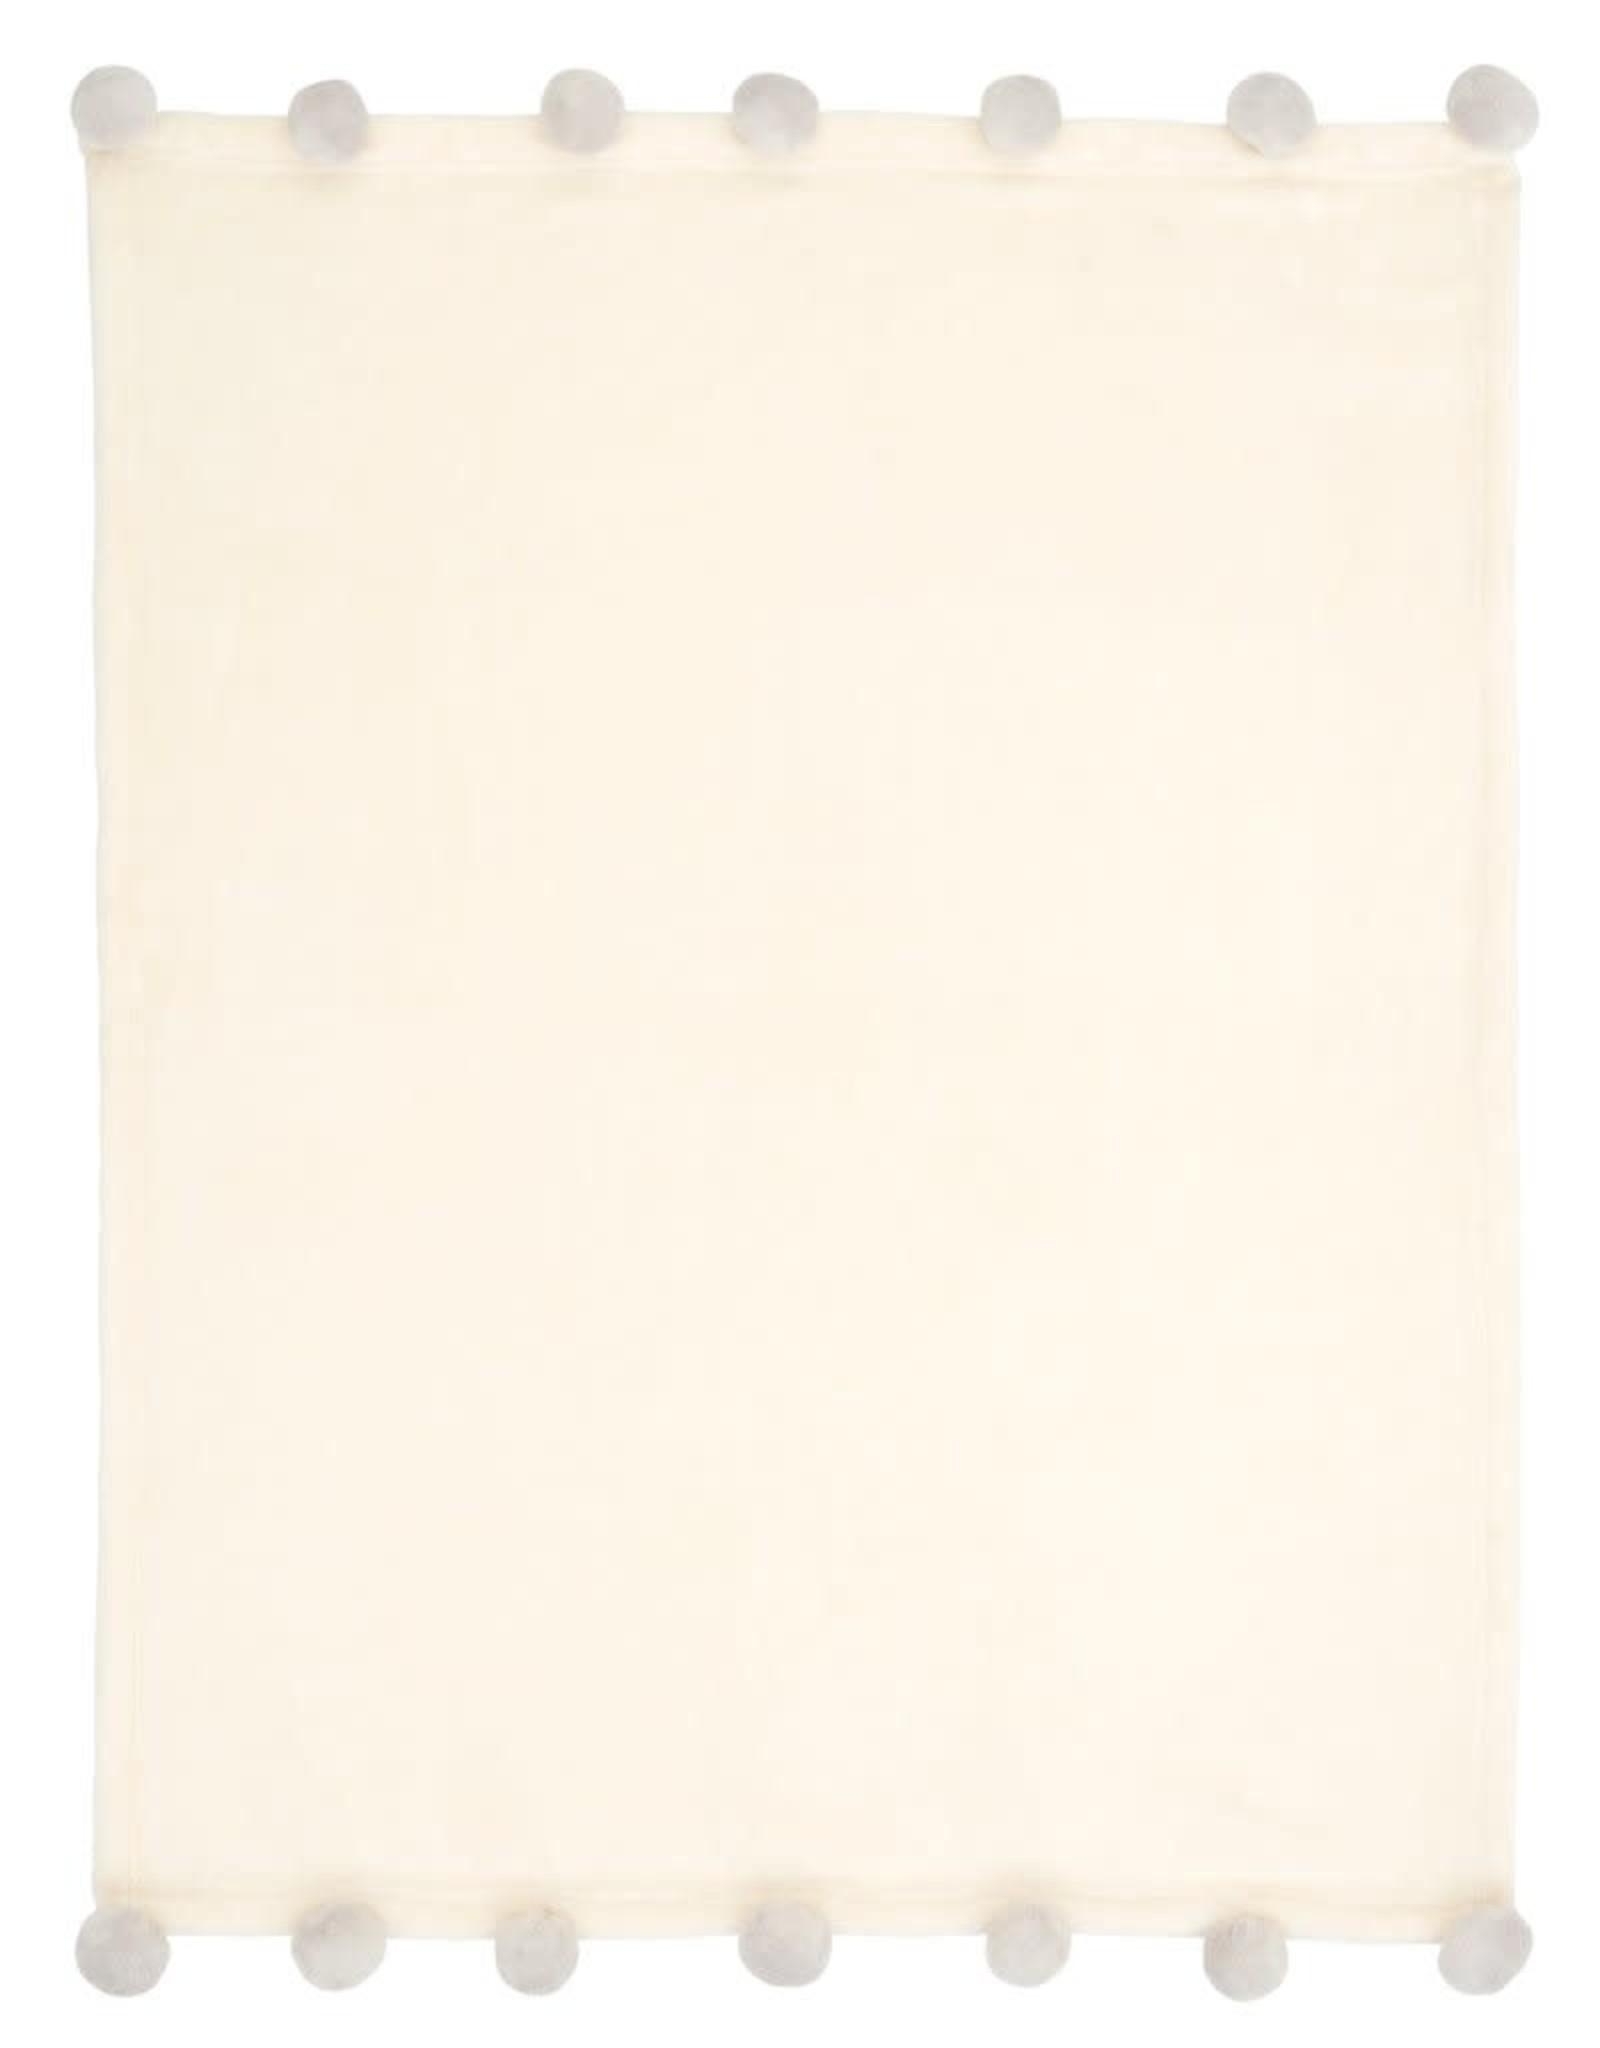 Elegant Baby Blanket Grey Poms